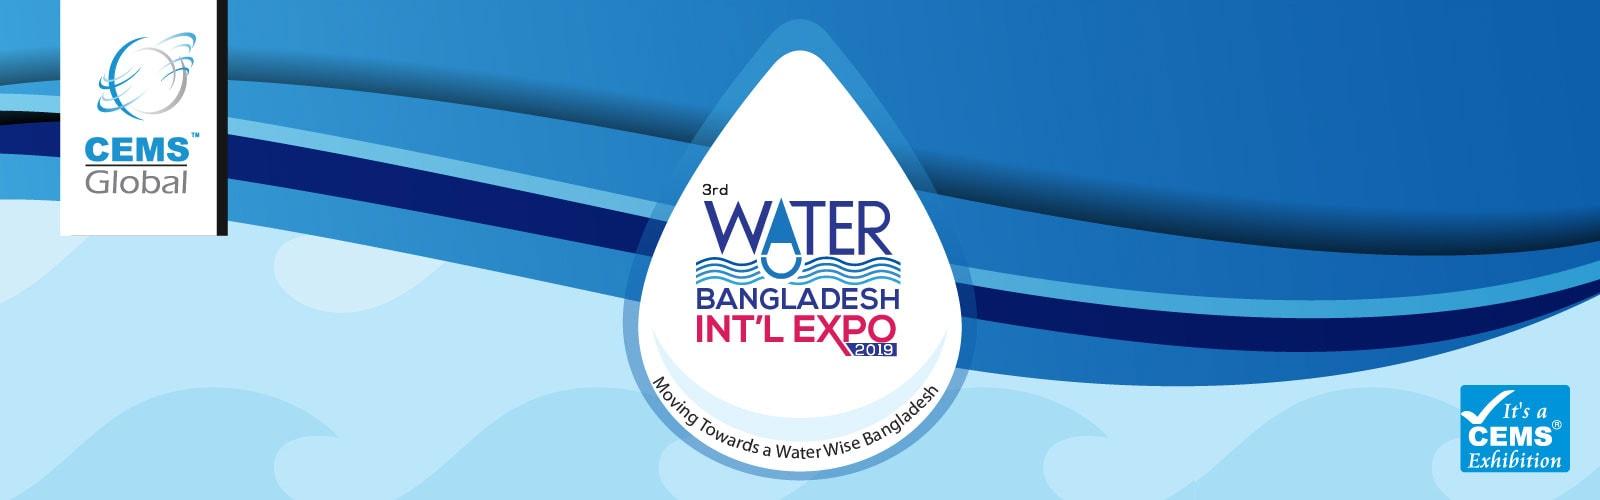 water1600x500.jpg